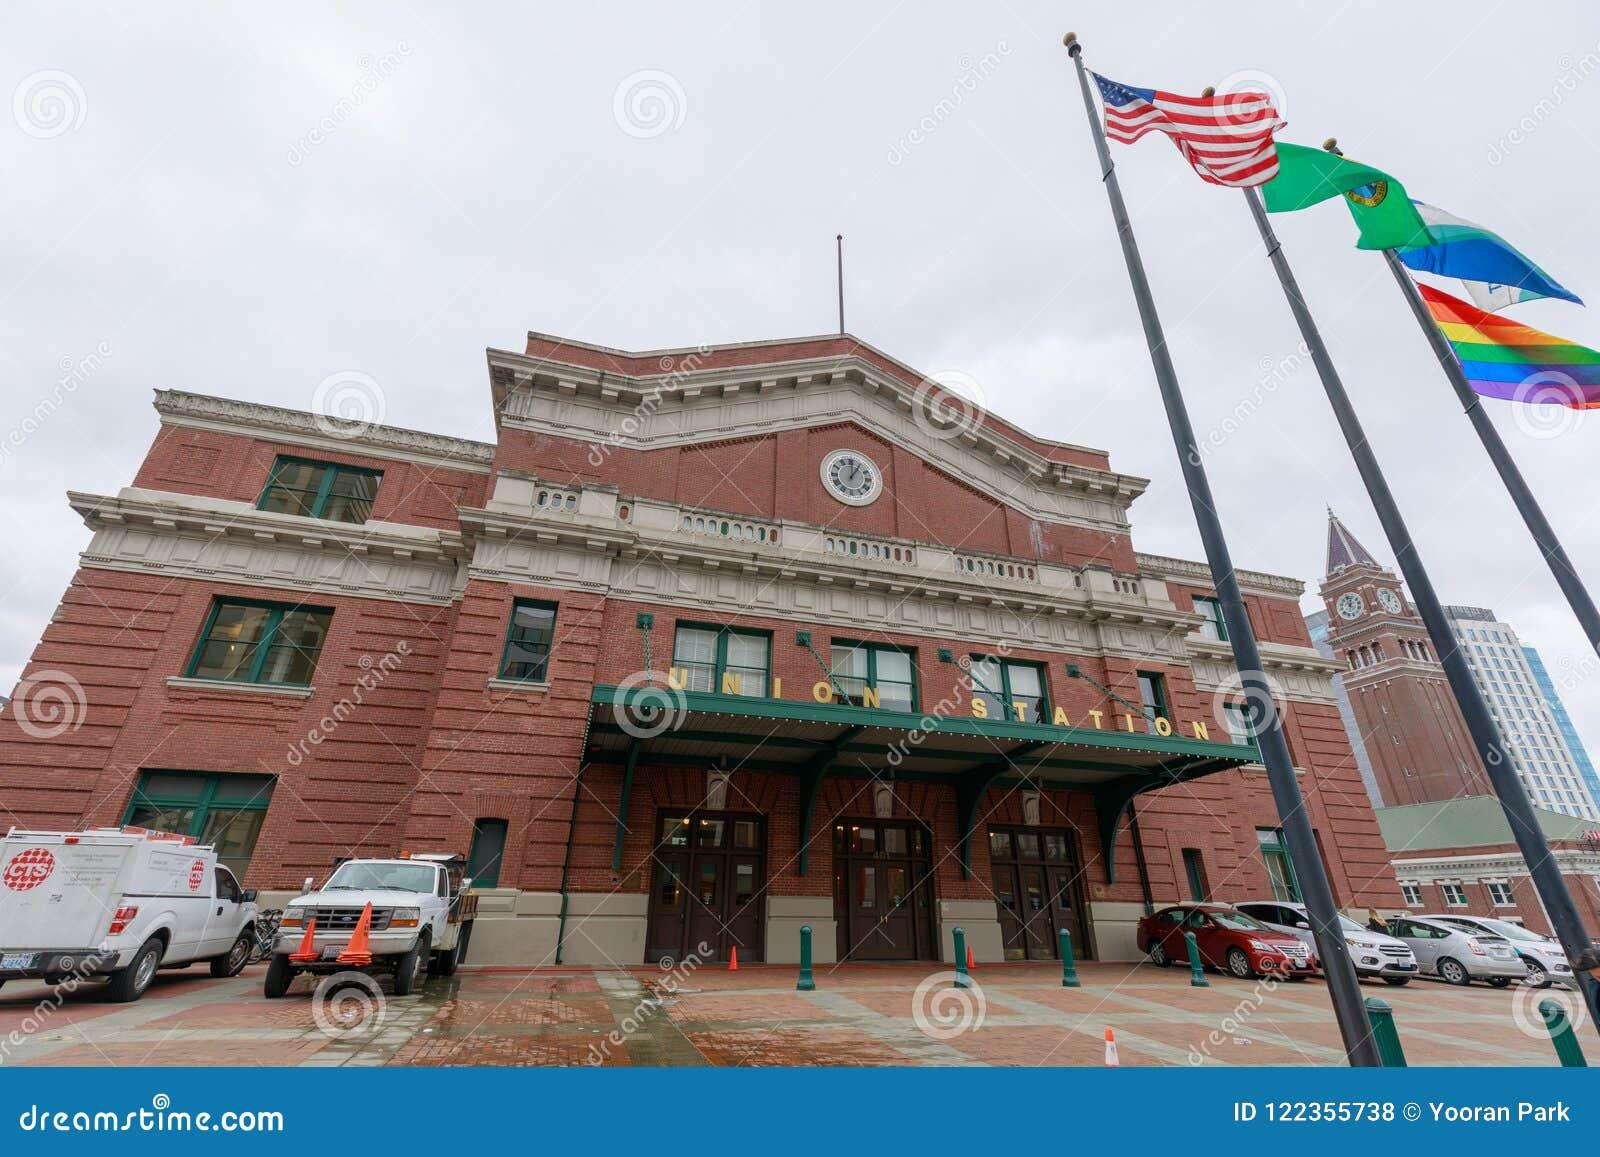 Stazione del sindacato, che è una precedente stazione ferroviaria a Seattle, Washington, U.S.A.